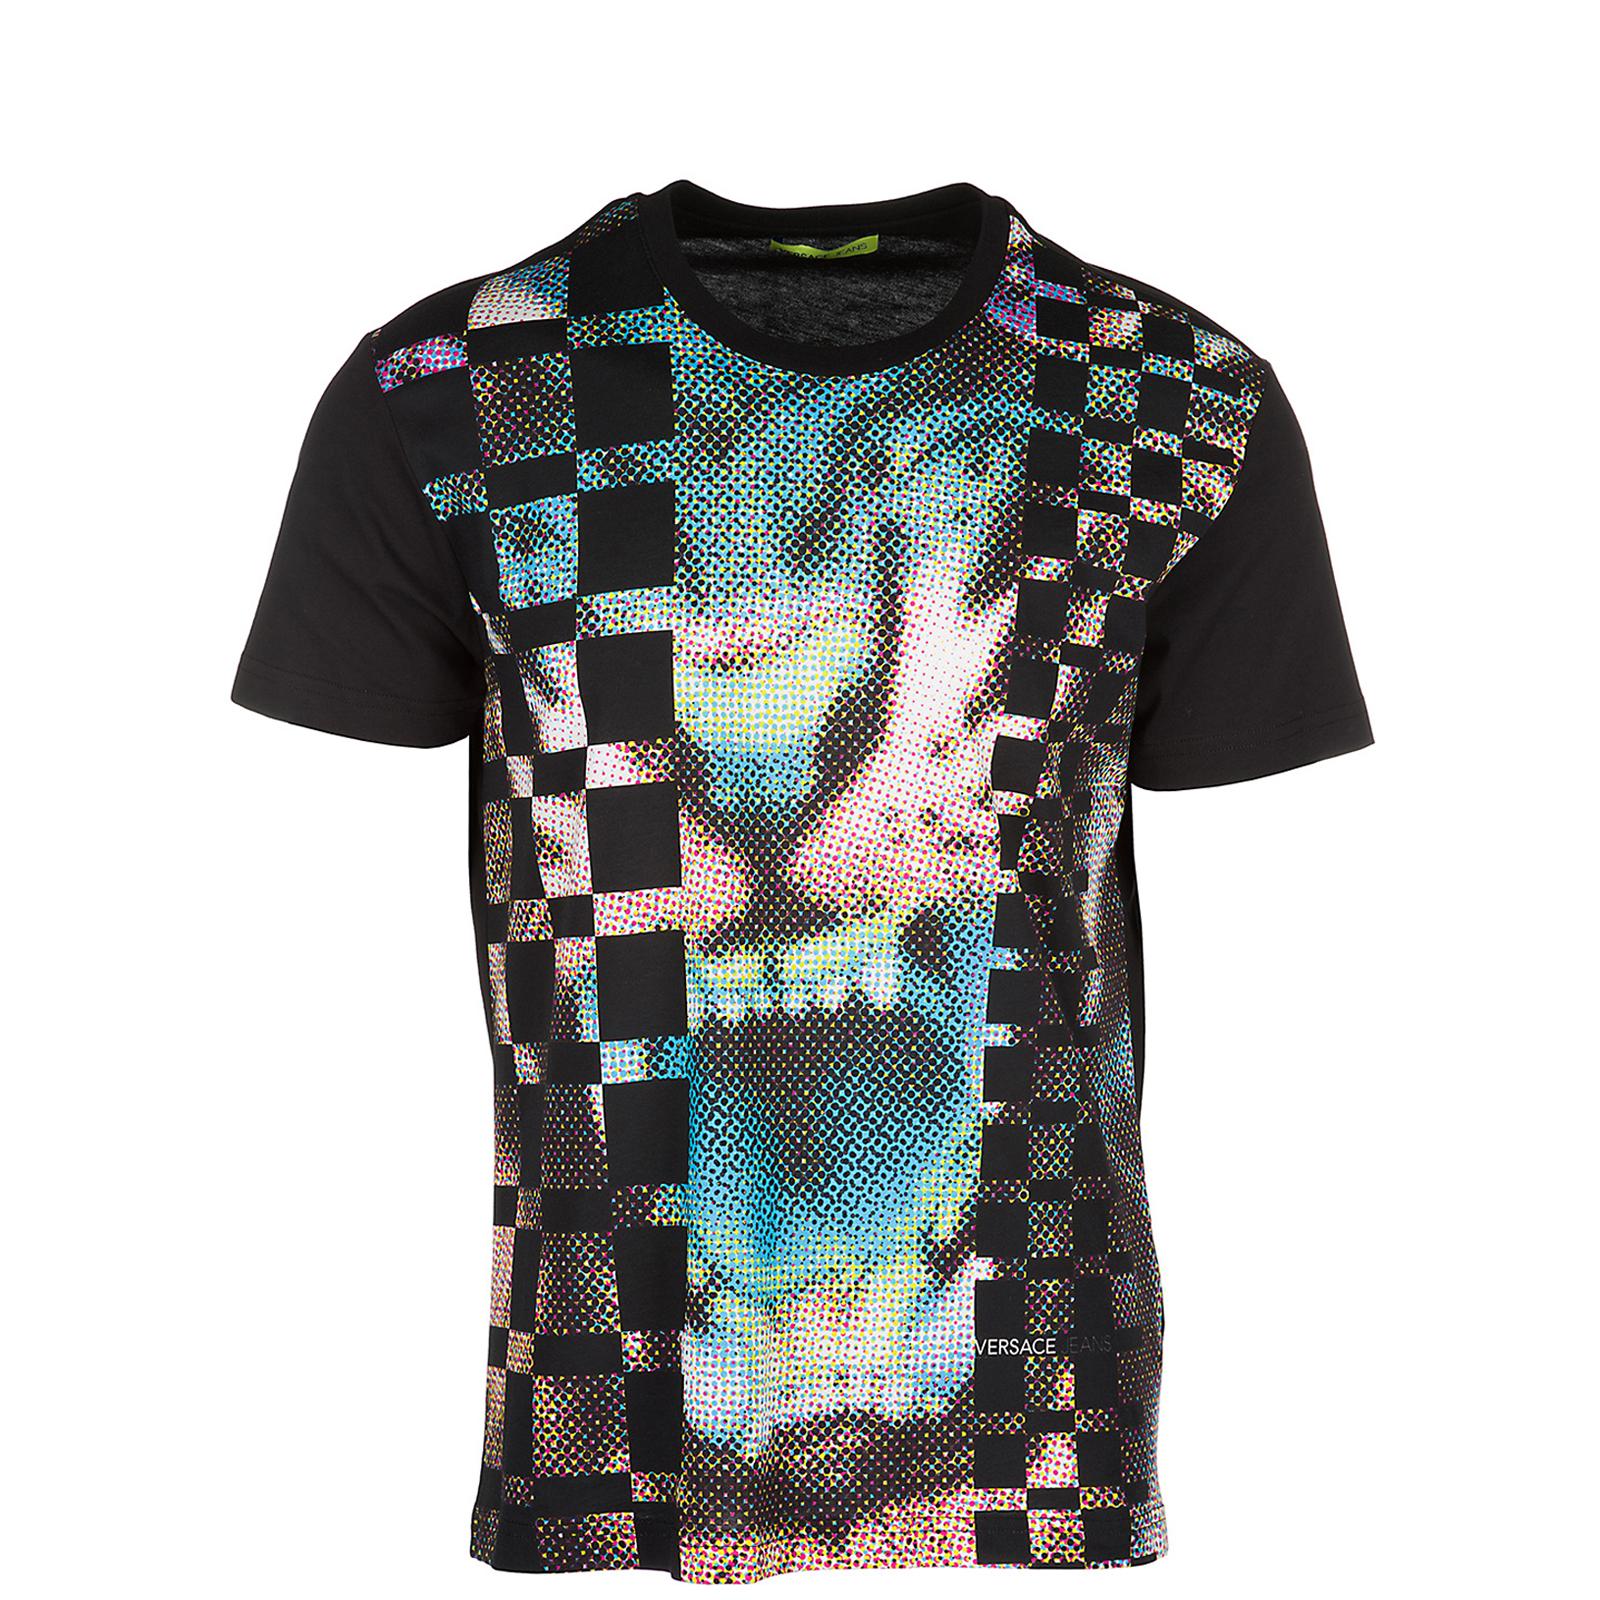 T-shirt Versace Jeans B3GRB72B nero   FRMODA.com d49463ff130